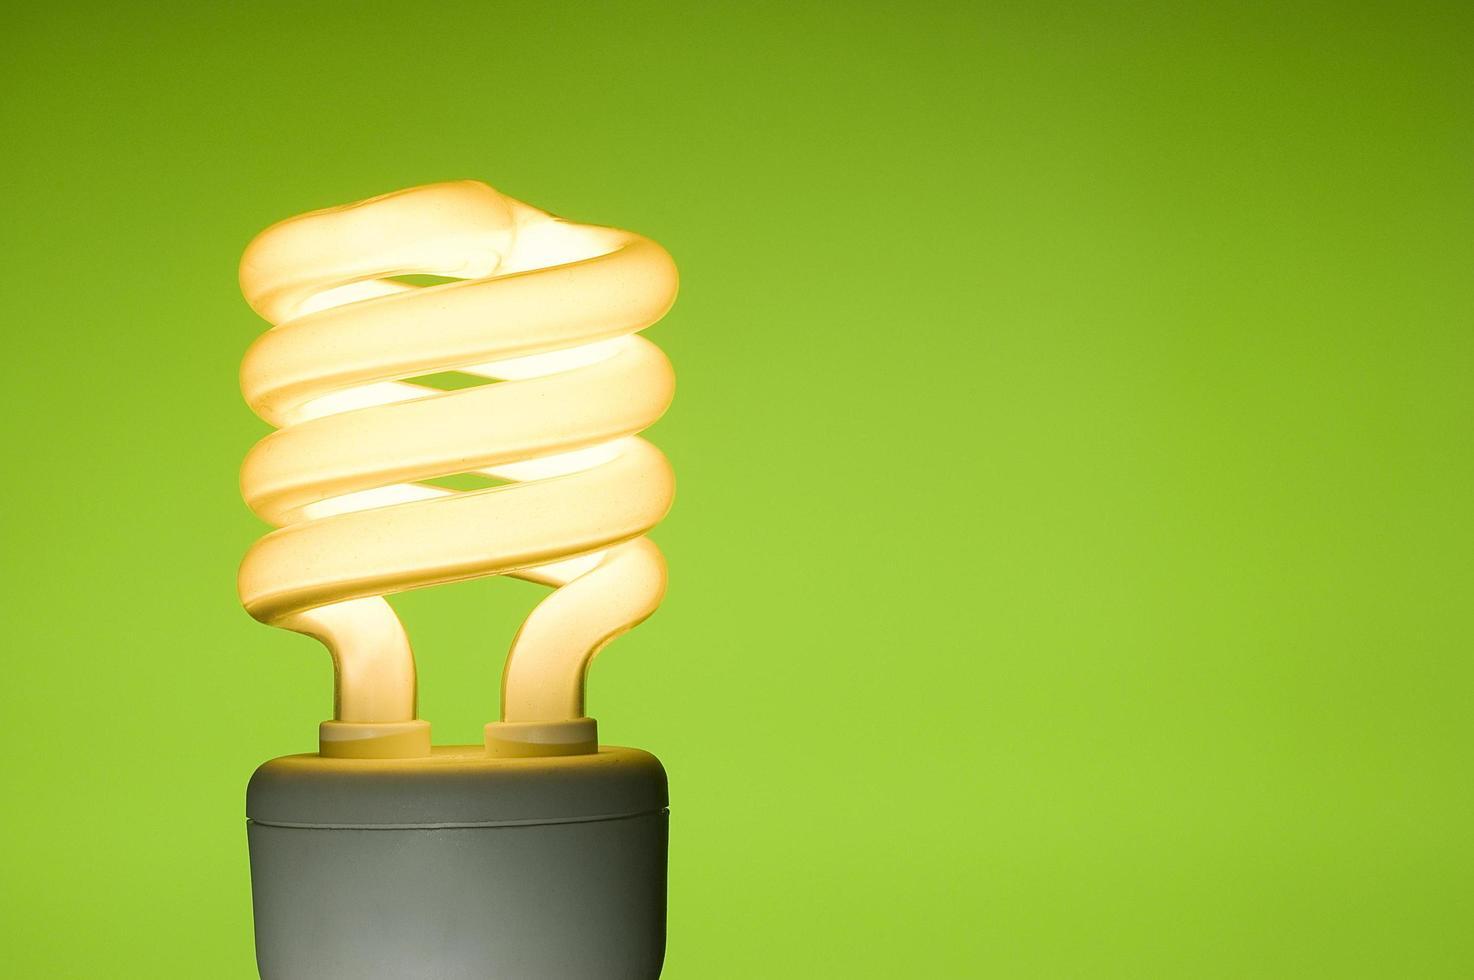 lampadina fluorescente a risparmio energetico foto